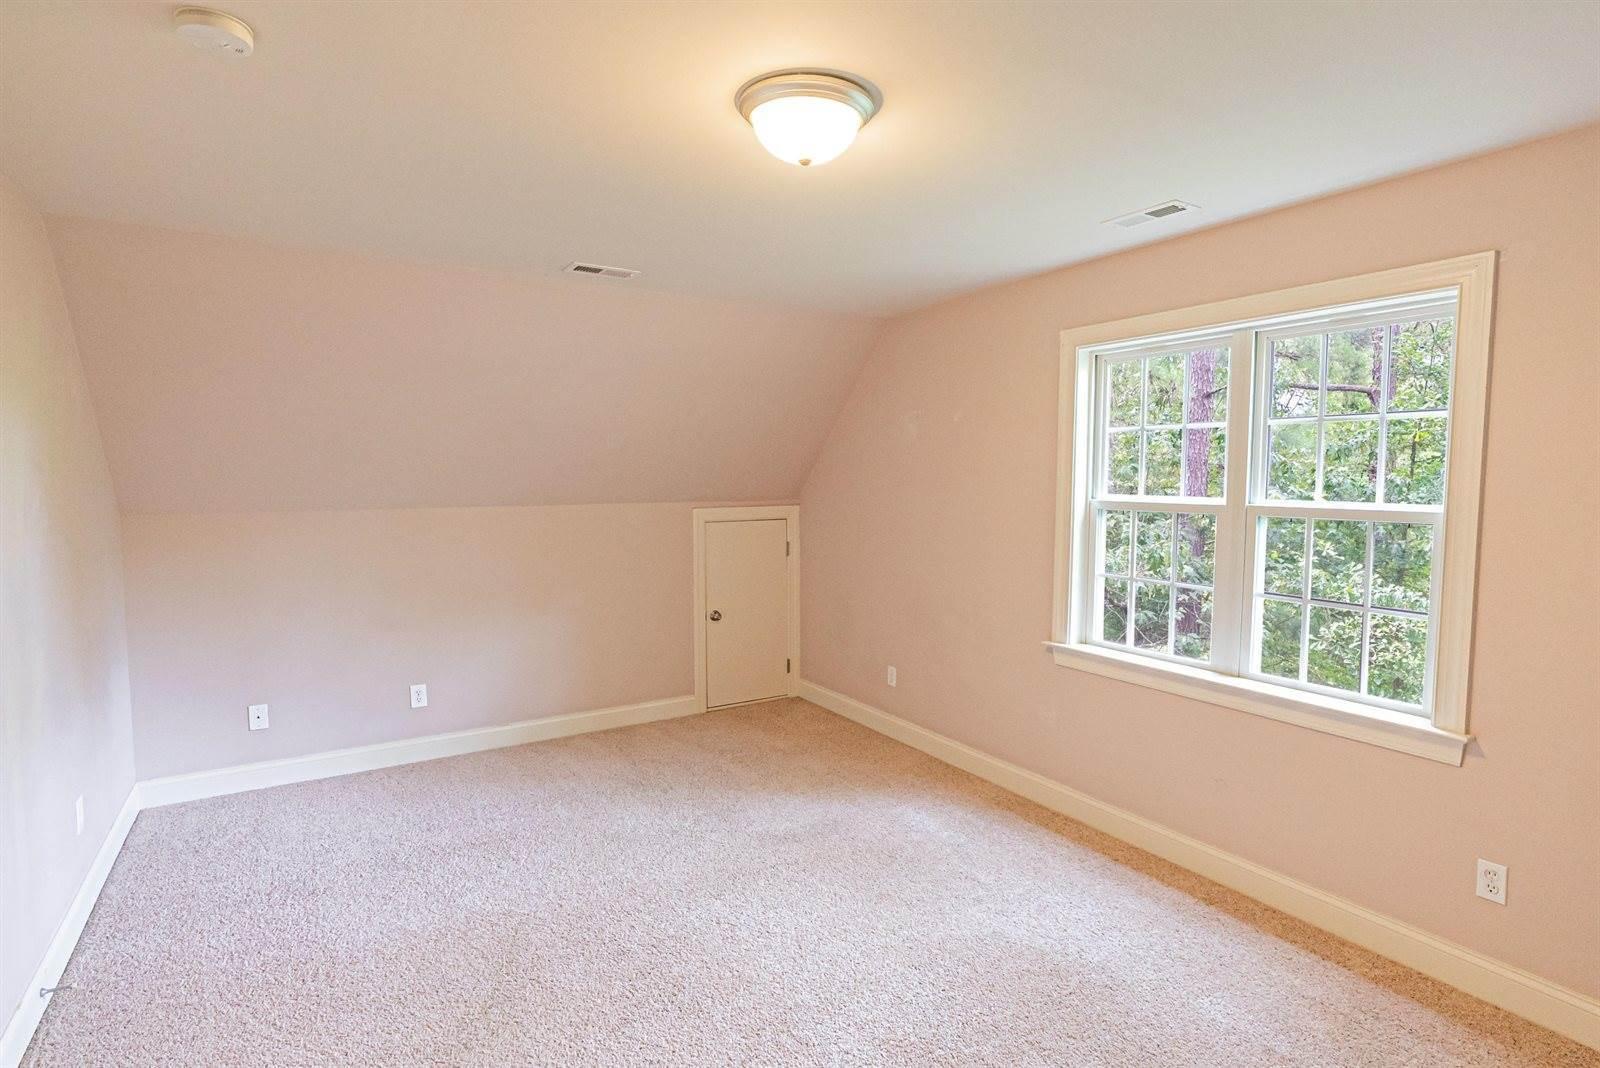 39 Sandhill Crane Court, Sanford, NC 27332